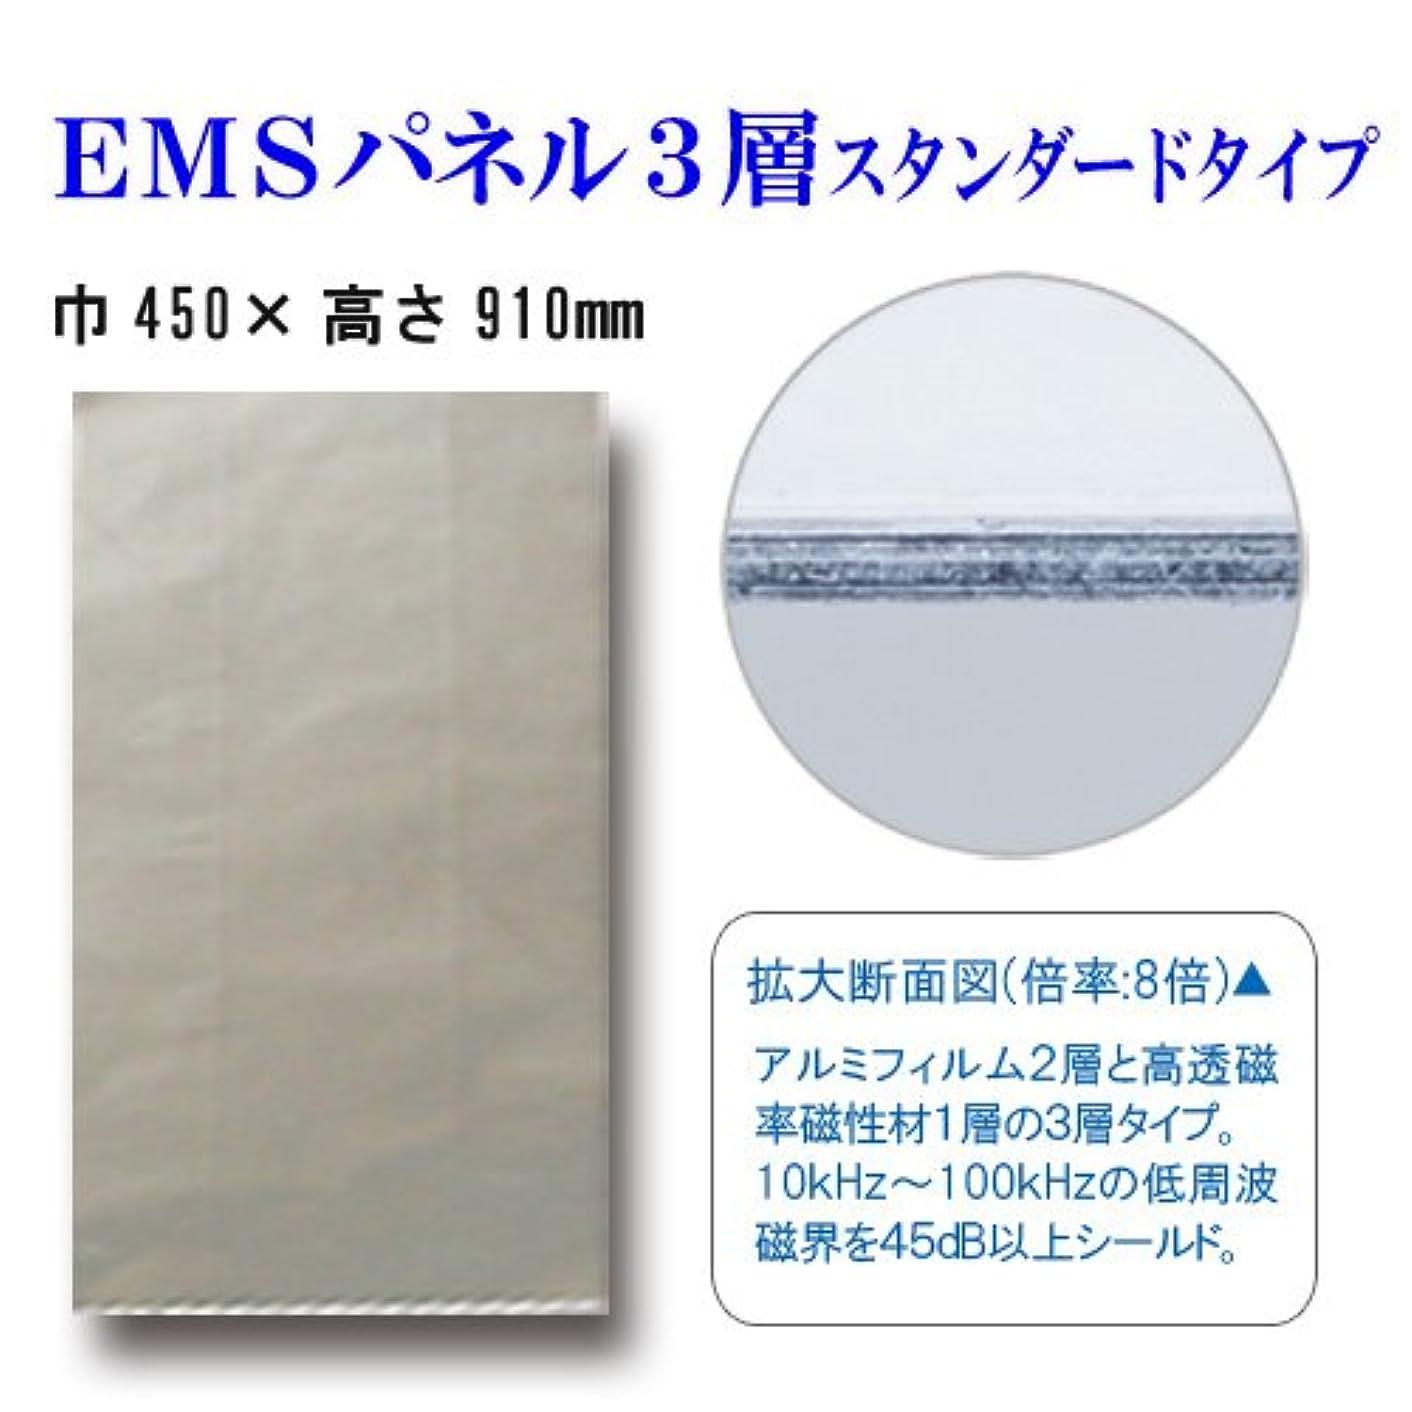 ロボット祖先能力EMSパネル3層-標準タイプ(低周波磁界対策)450×910mm